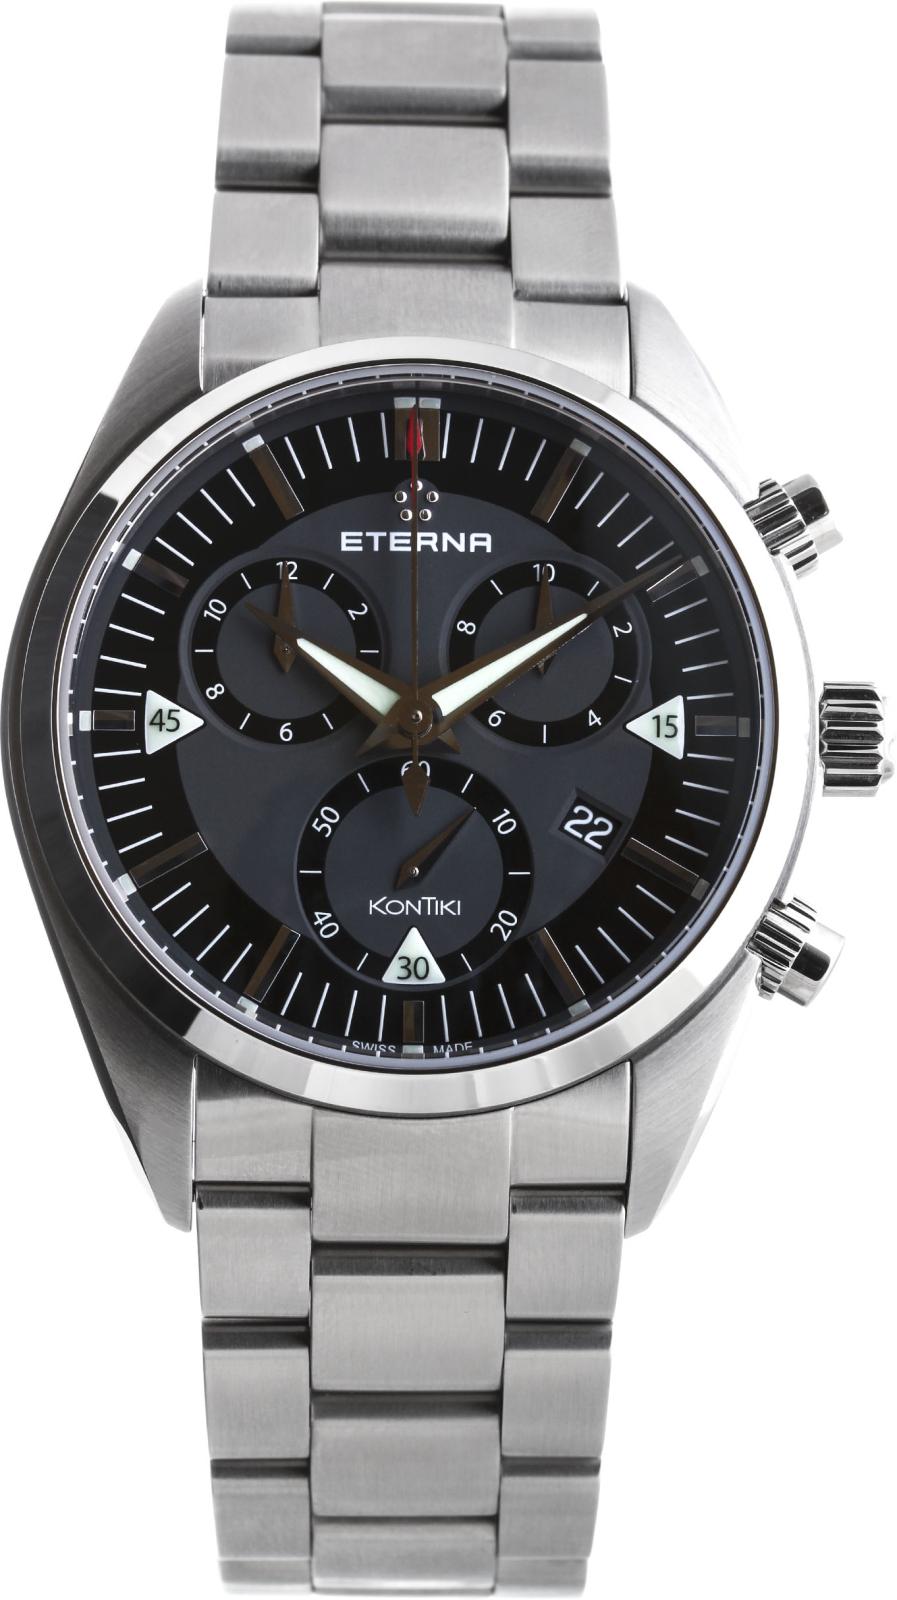 Eterna Adventure 1250.41.41.0217Наручные часы<br>Швейцарские часы Eterna Adventure 1250.41.41.0217<br><br>Пол: Мужские<br>Страна-производитель: Швейцария<br>Механизм: Кварцевый<br>Материал корпуса: Сталь<br>Материал ремня/браслета: Сталь<br>Водозащита, диапазон: 200 - 800 м<br>Стекло: Сапфировое<br>Толщина корпуса: 13 мм<br>Стиль: Классика